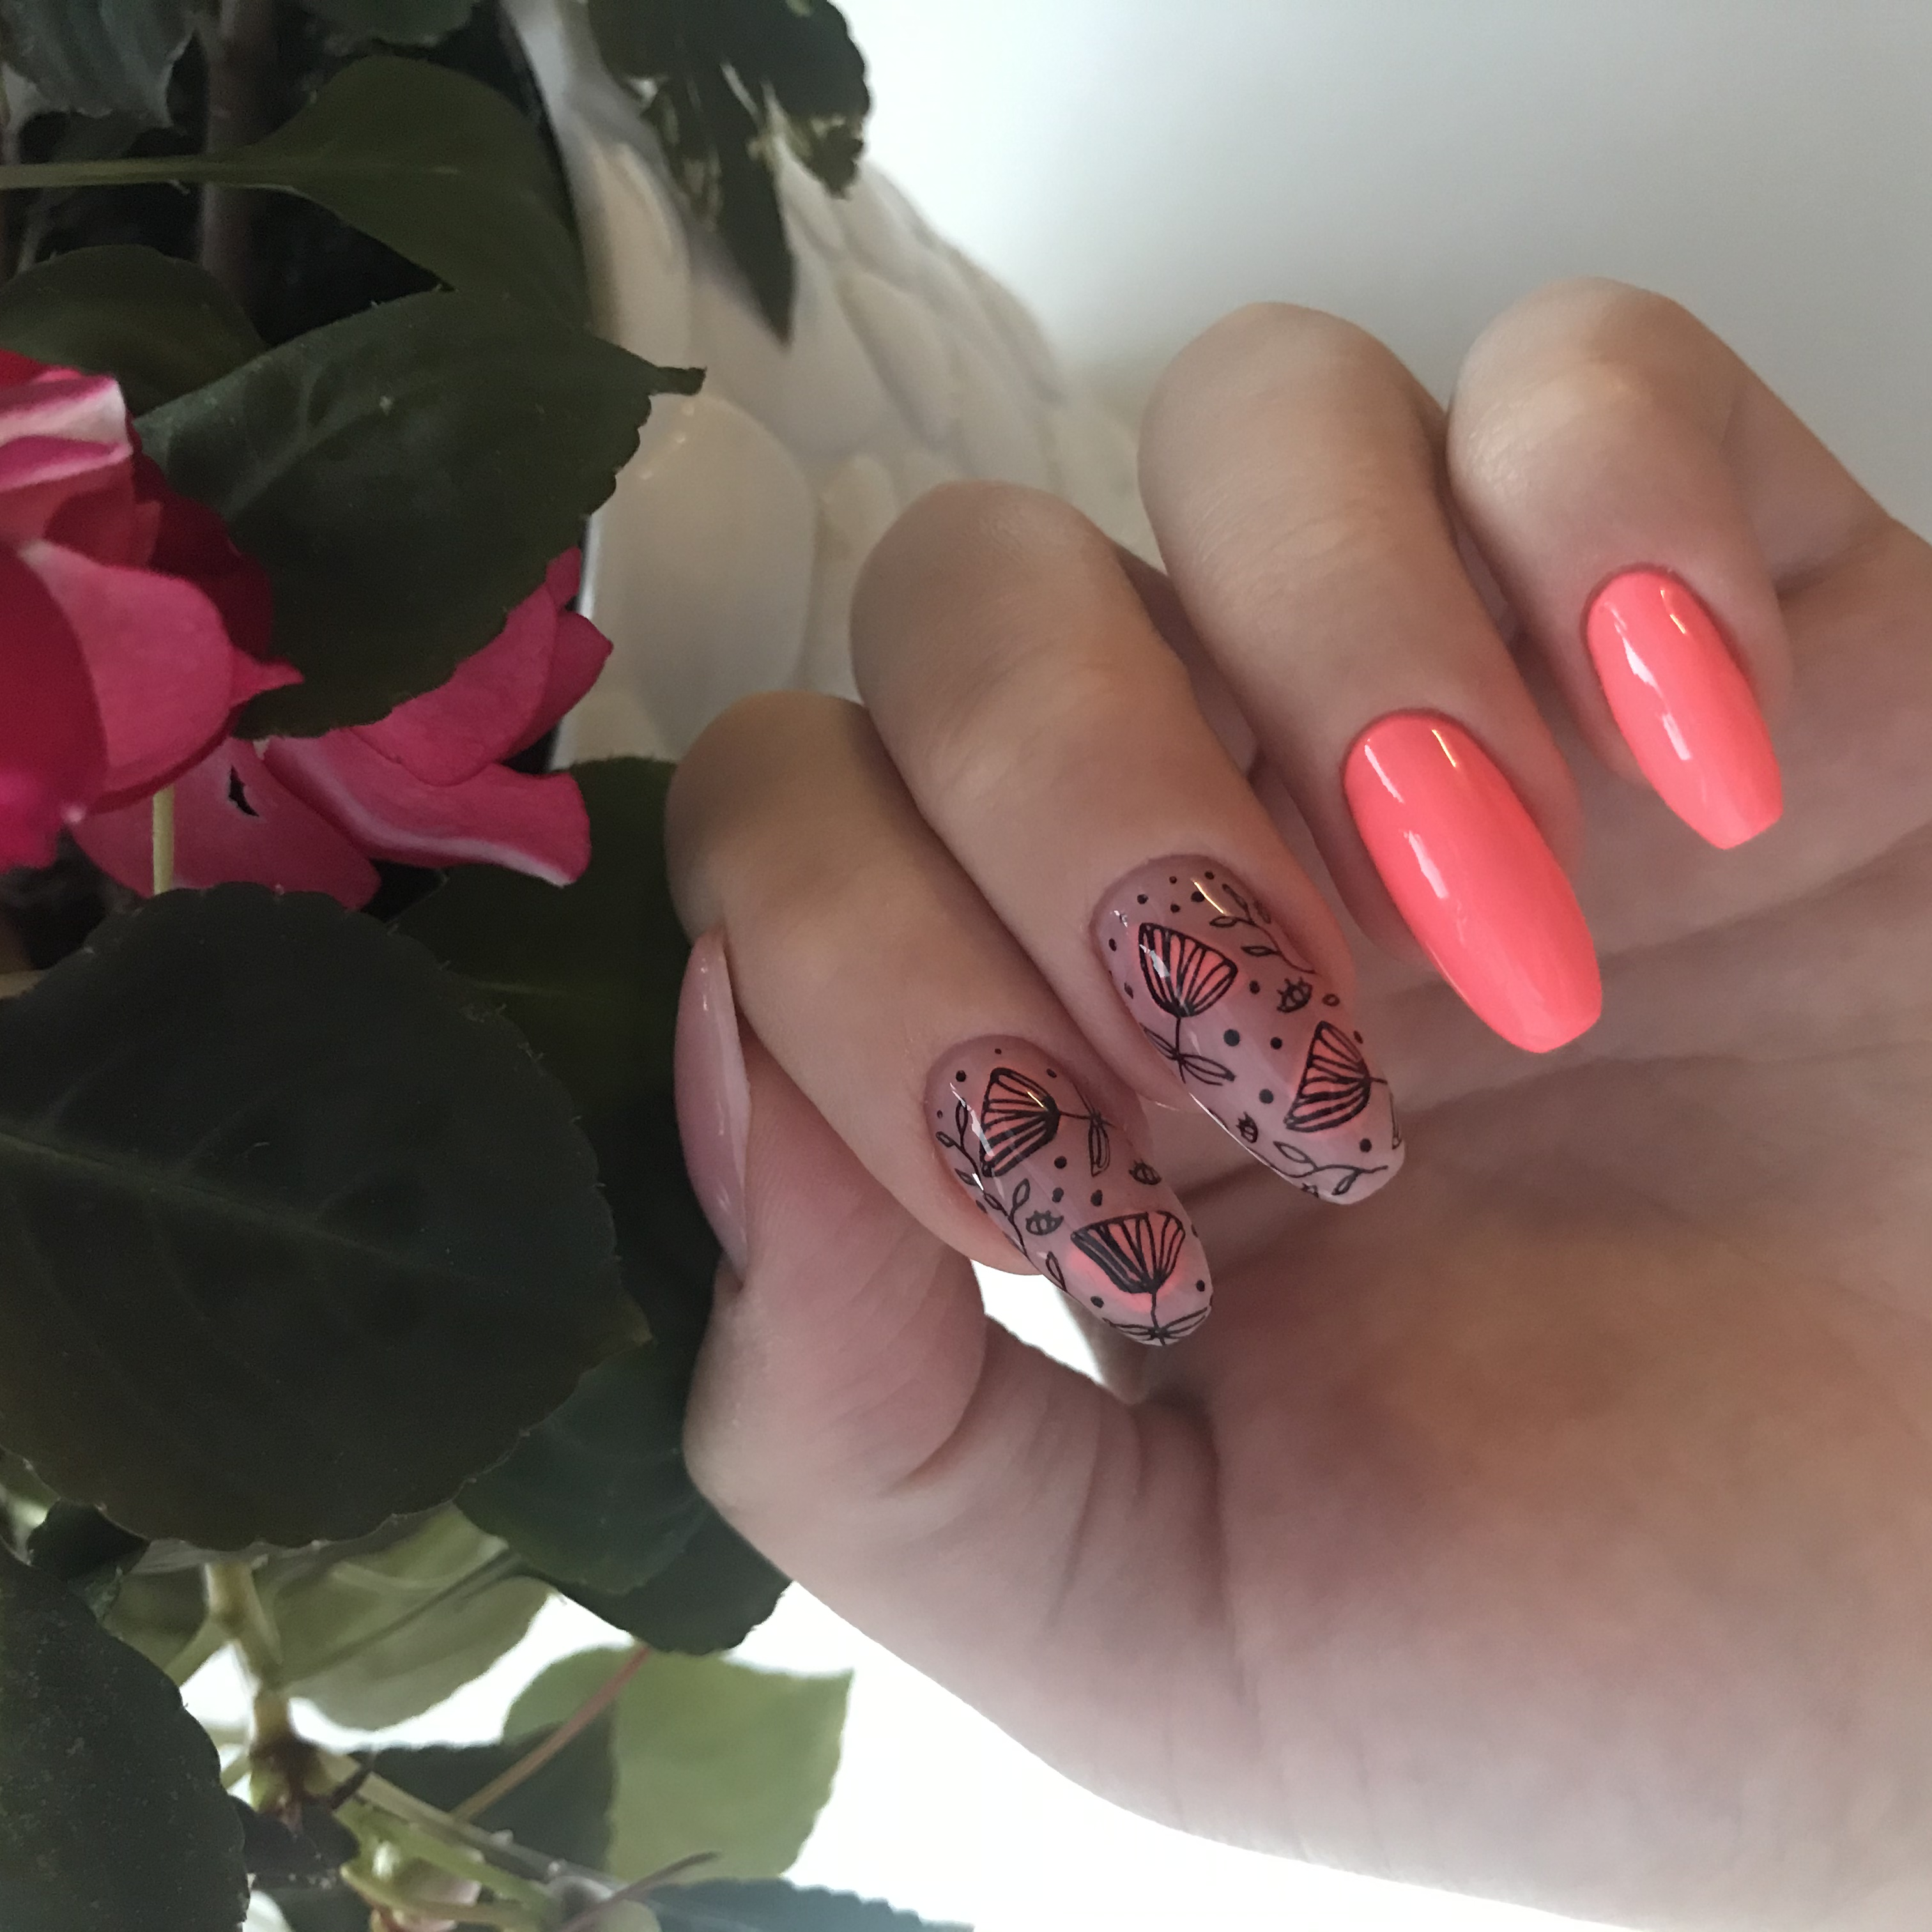 Маникюр с растительными слайдерами в розовом цвете.